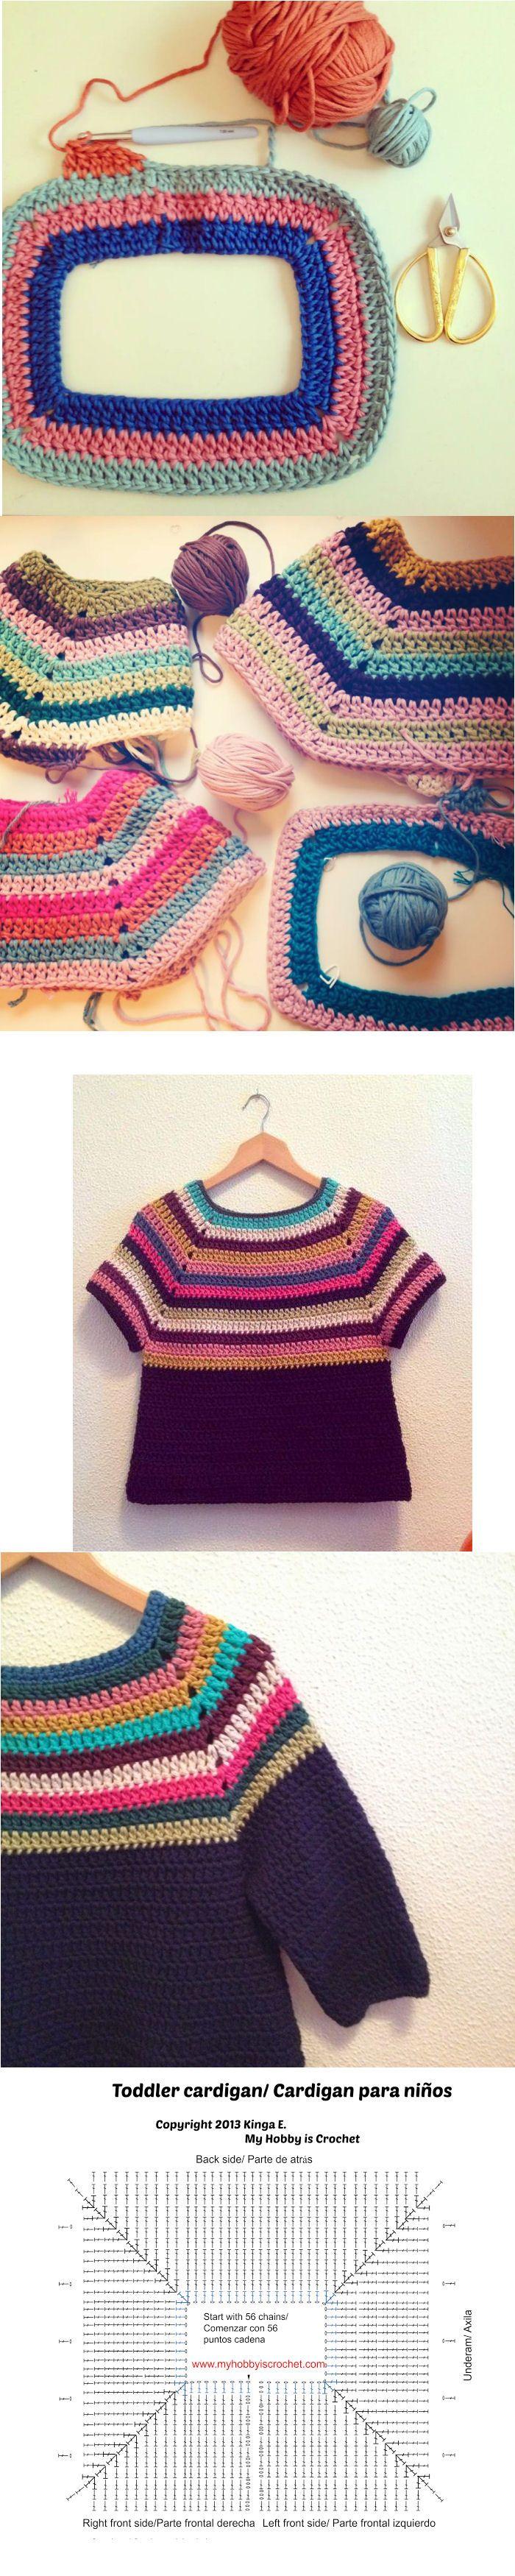 Twin V-Stitch Cardigan - Toddler Size | Raglan, Pulli und Häkeln